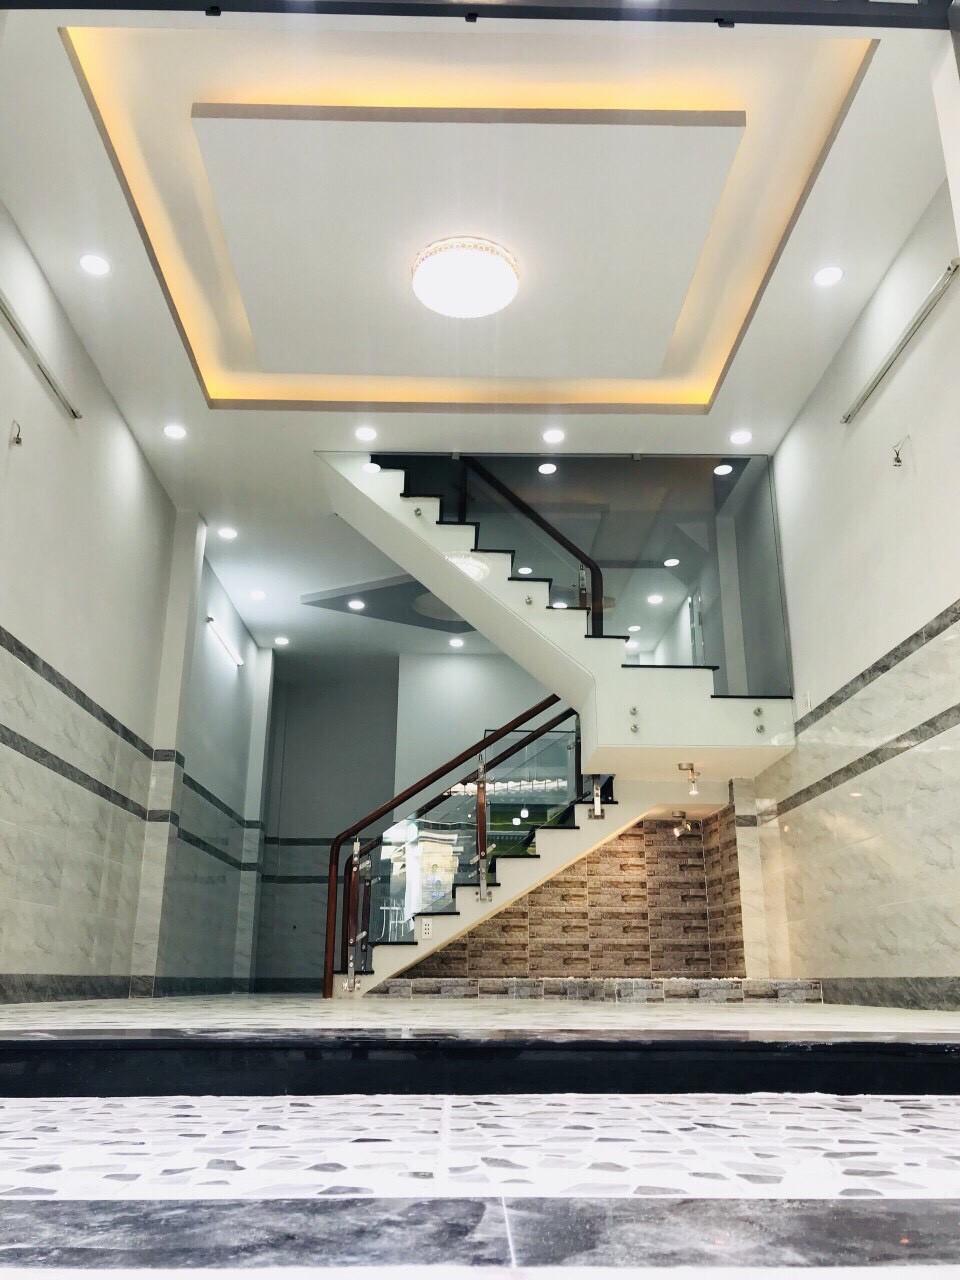 Bán nhà hẻm 113 Đường số 14 phường Bình Hưng Hòa A quận Bình Tân. Dt 4x12m